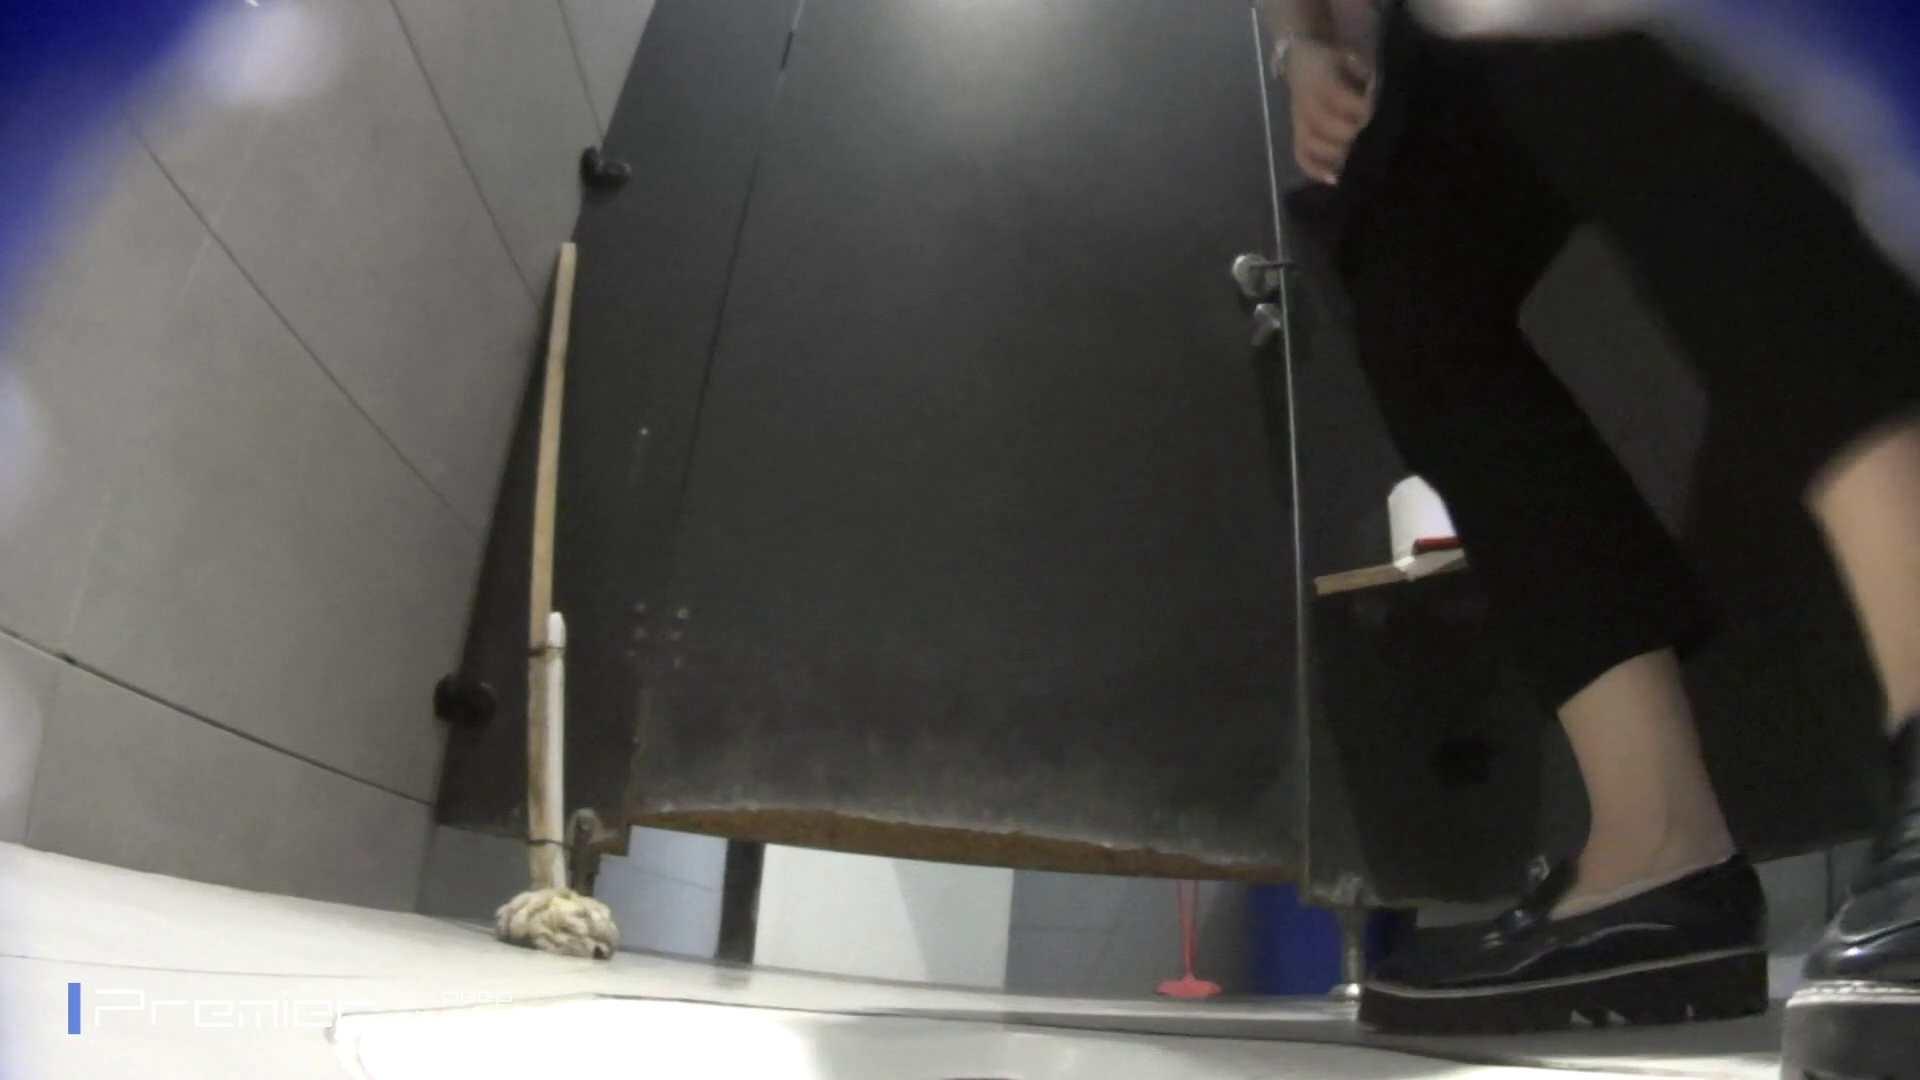 トイレットペーパーを握りしめ個室に入る乙女 大学休憩時間の洗面所事情83 盗撮 エロ画像 99pic 23